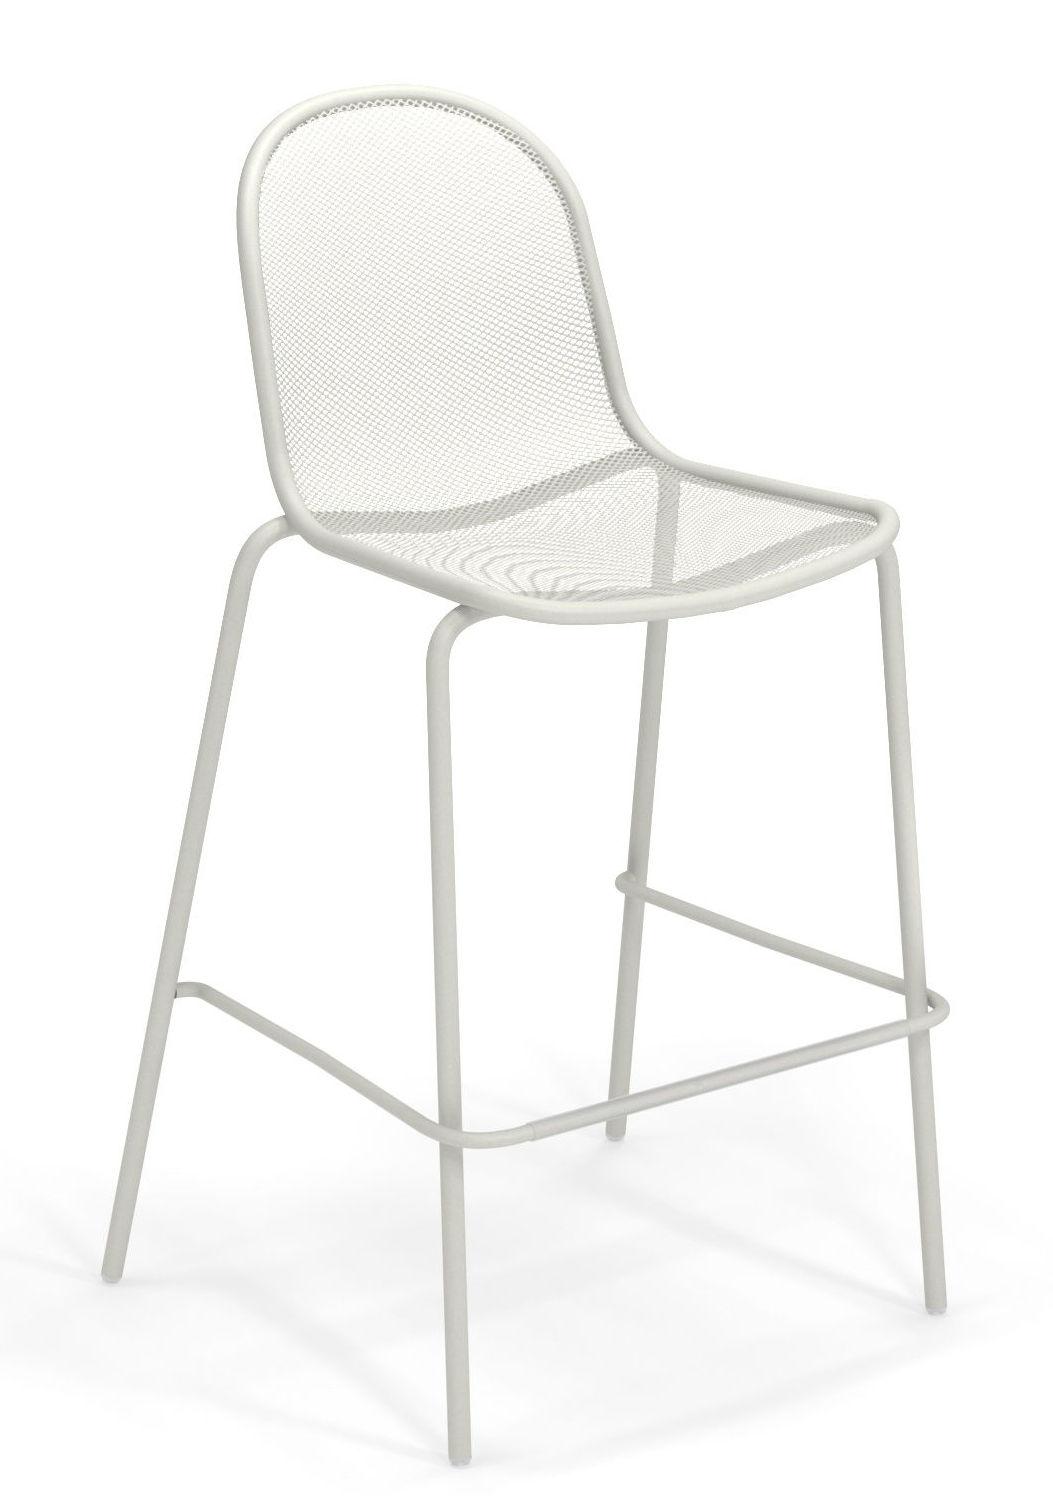 Möbel - Barhocker - Nova Hochstuhl / Metall - H 72 cm - Emu - Weiß - gefirnister Stahl